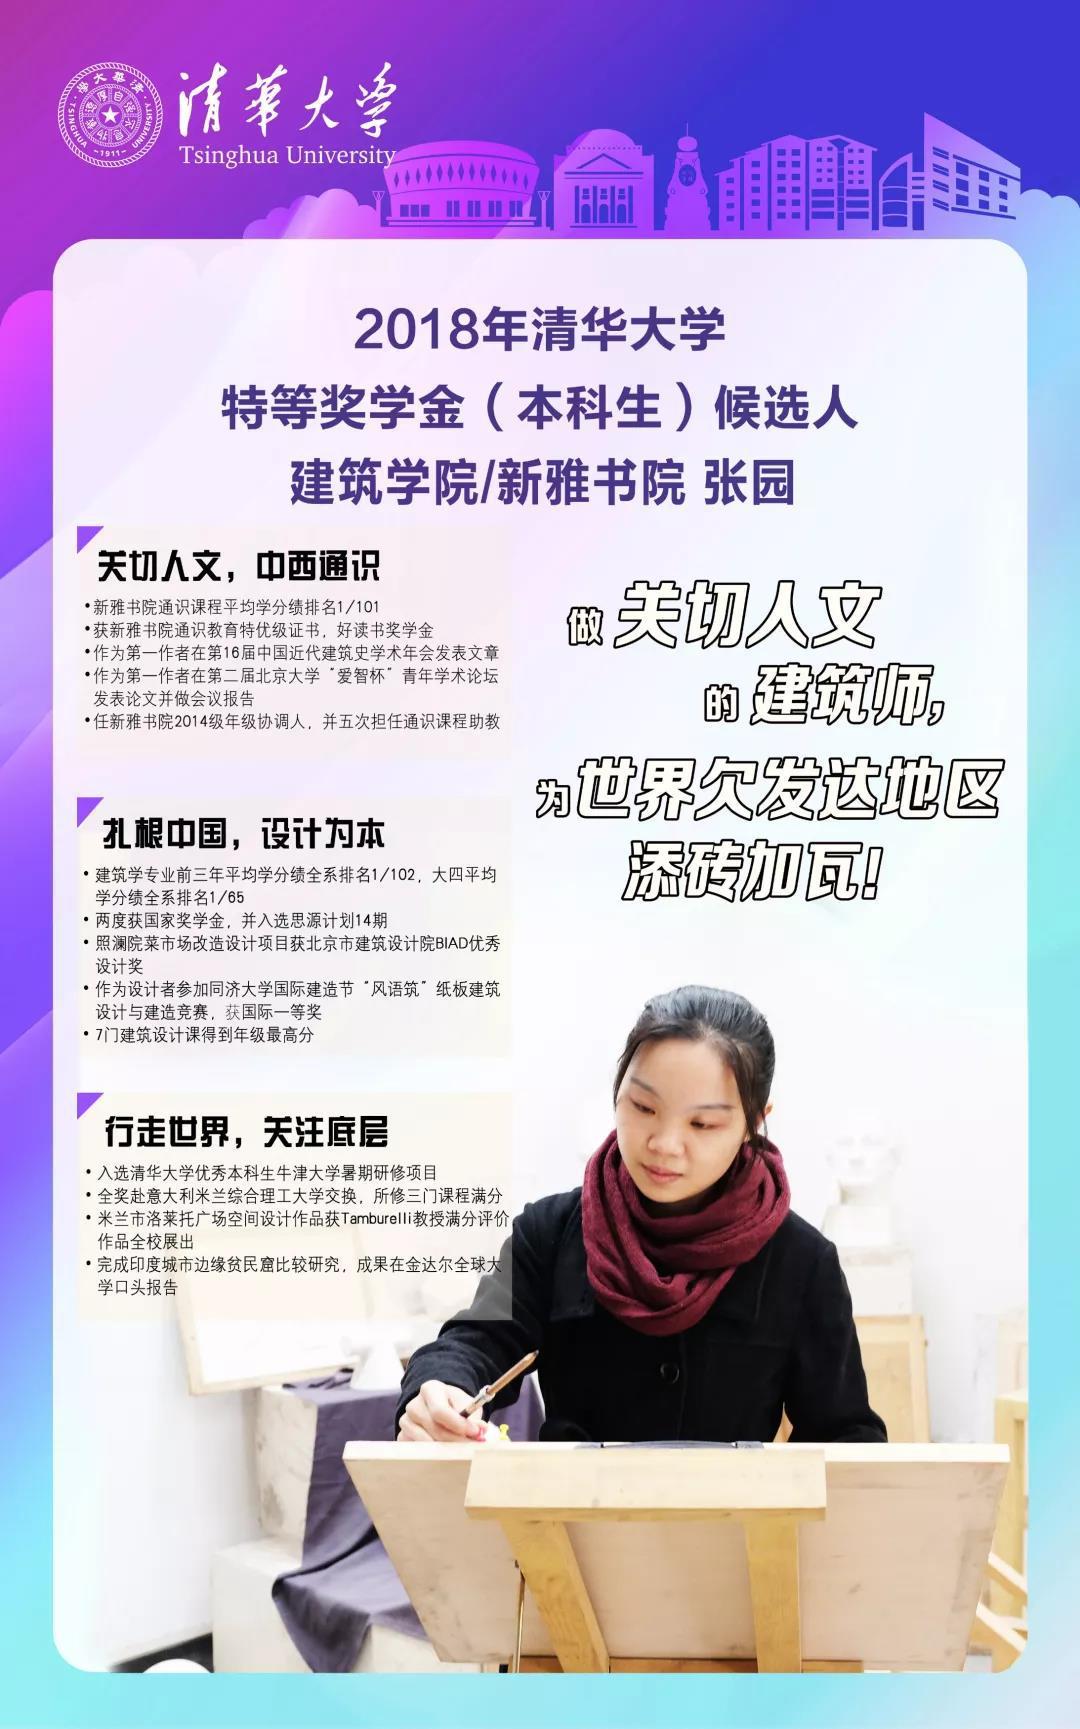 """清华又将上演""""神仙打架"""" 网友:膜拜这些大学生"""